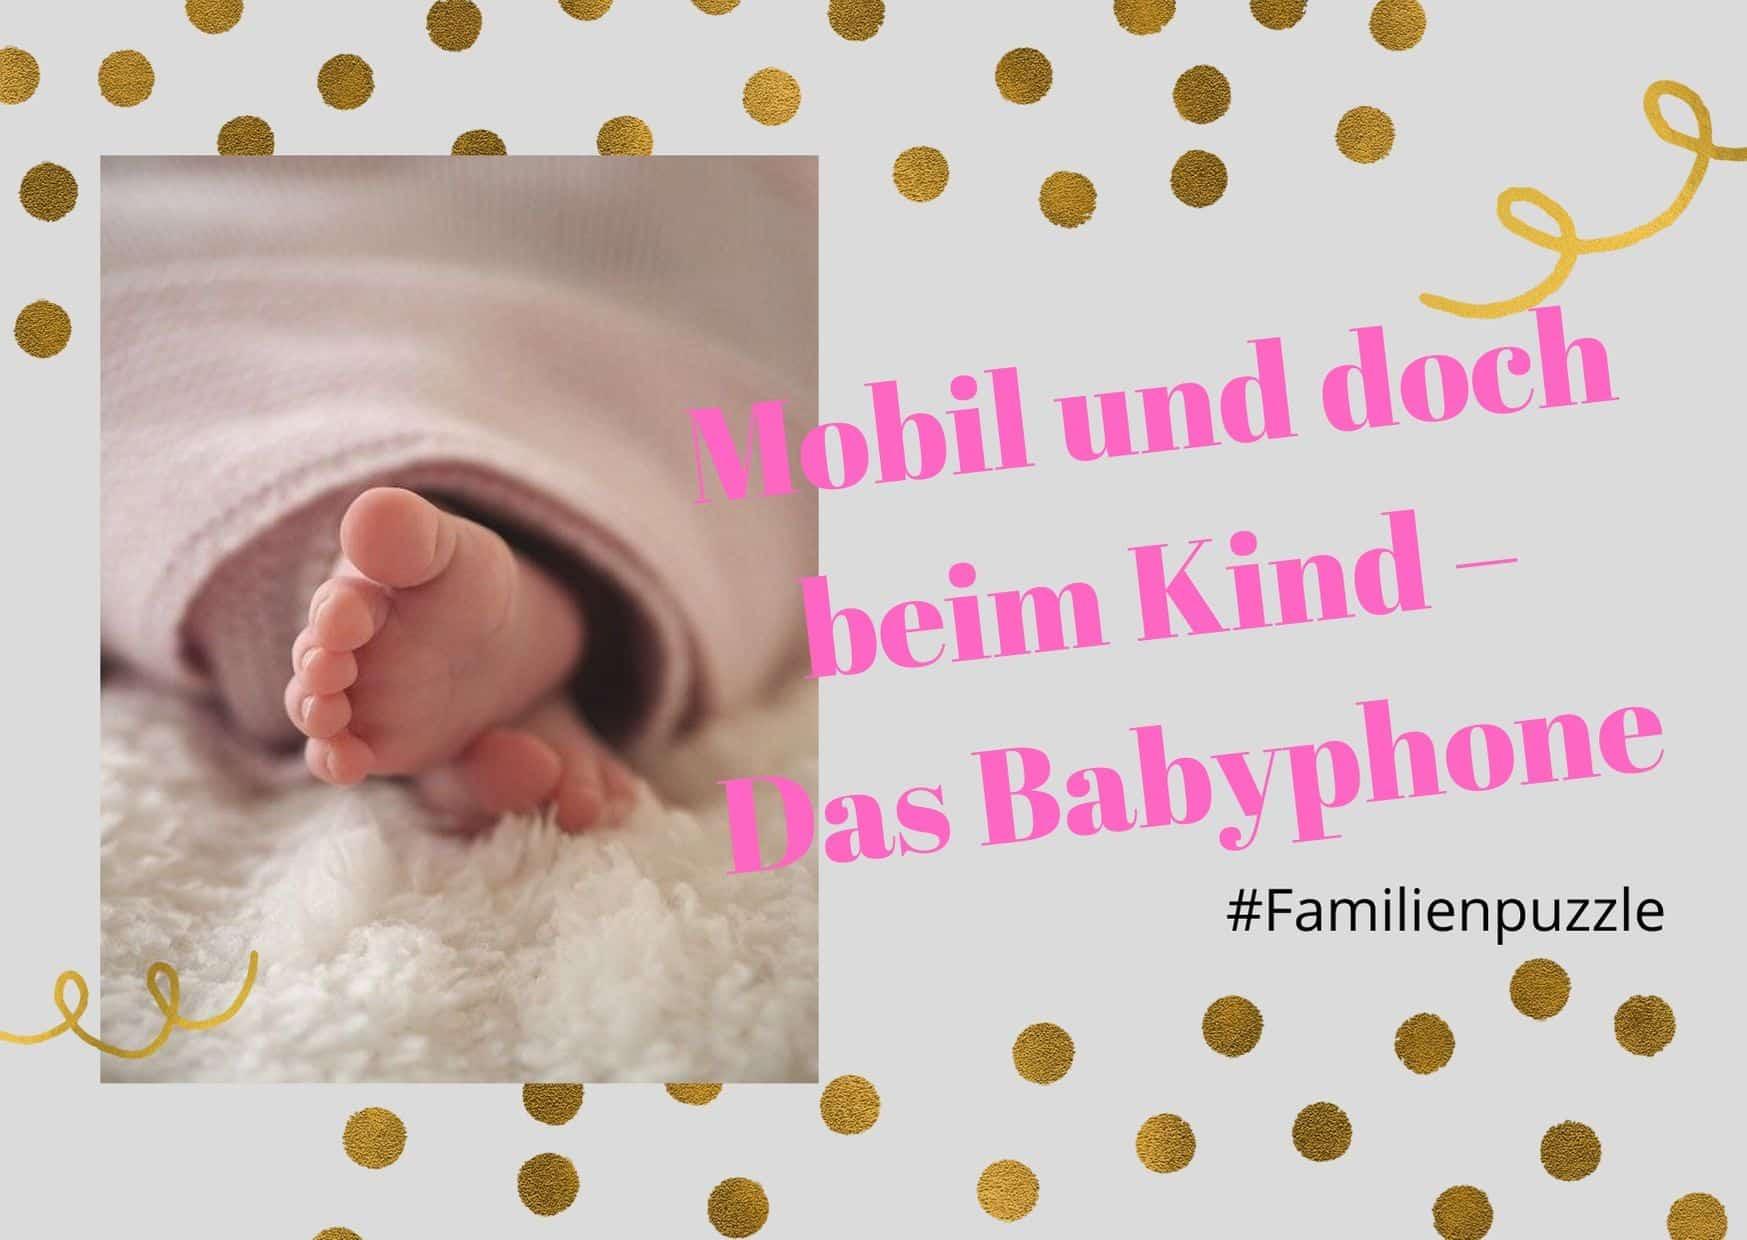 Titelbild Babyphone - Füße eines schlafenden Kindes.